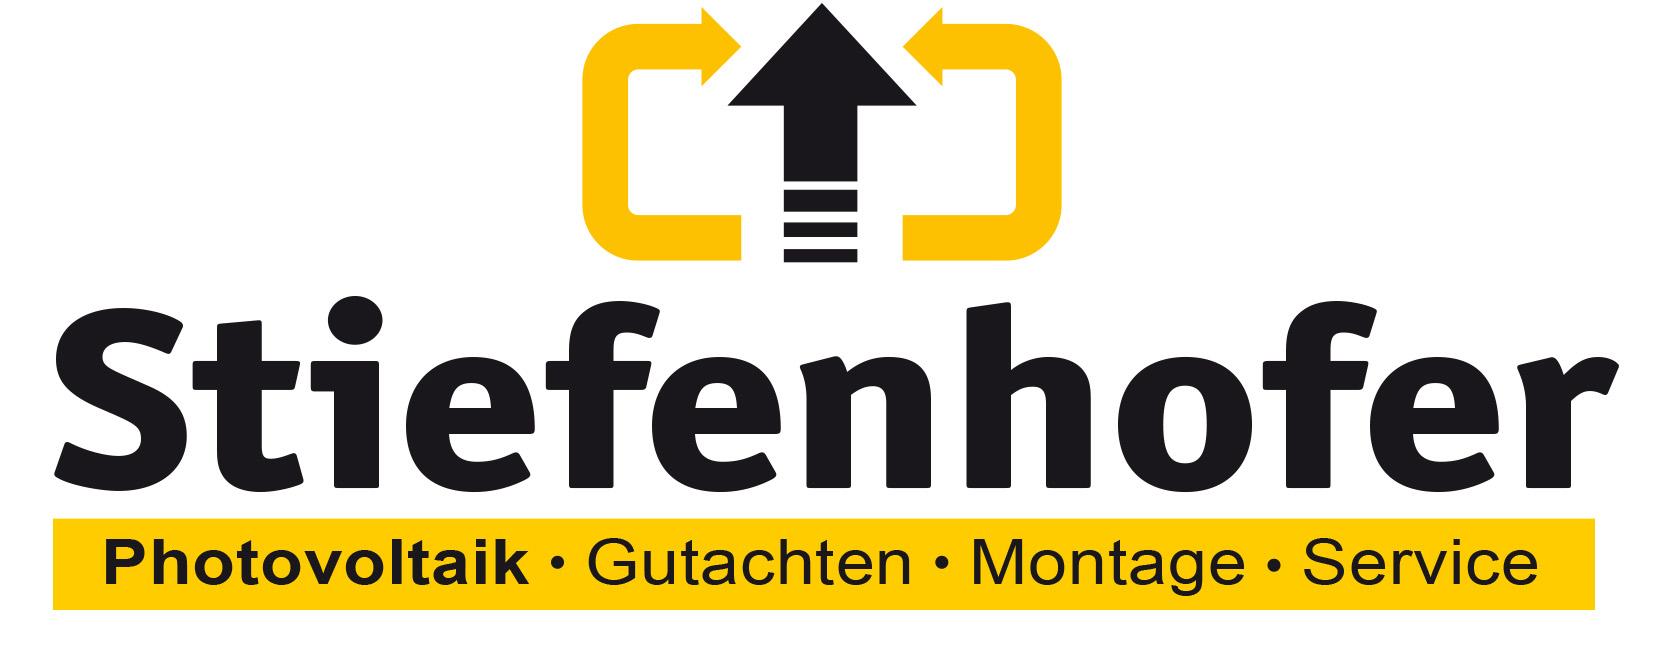 Stiefenhofer_PV_Logo_gro